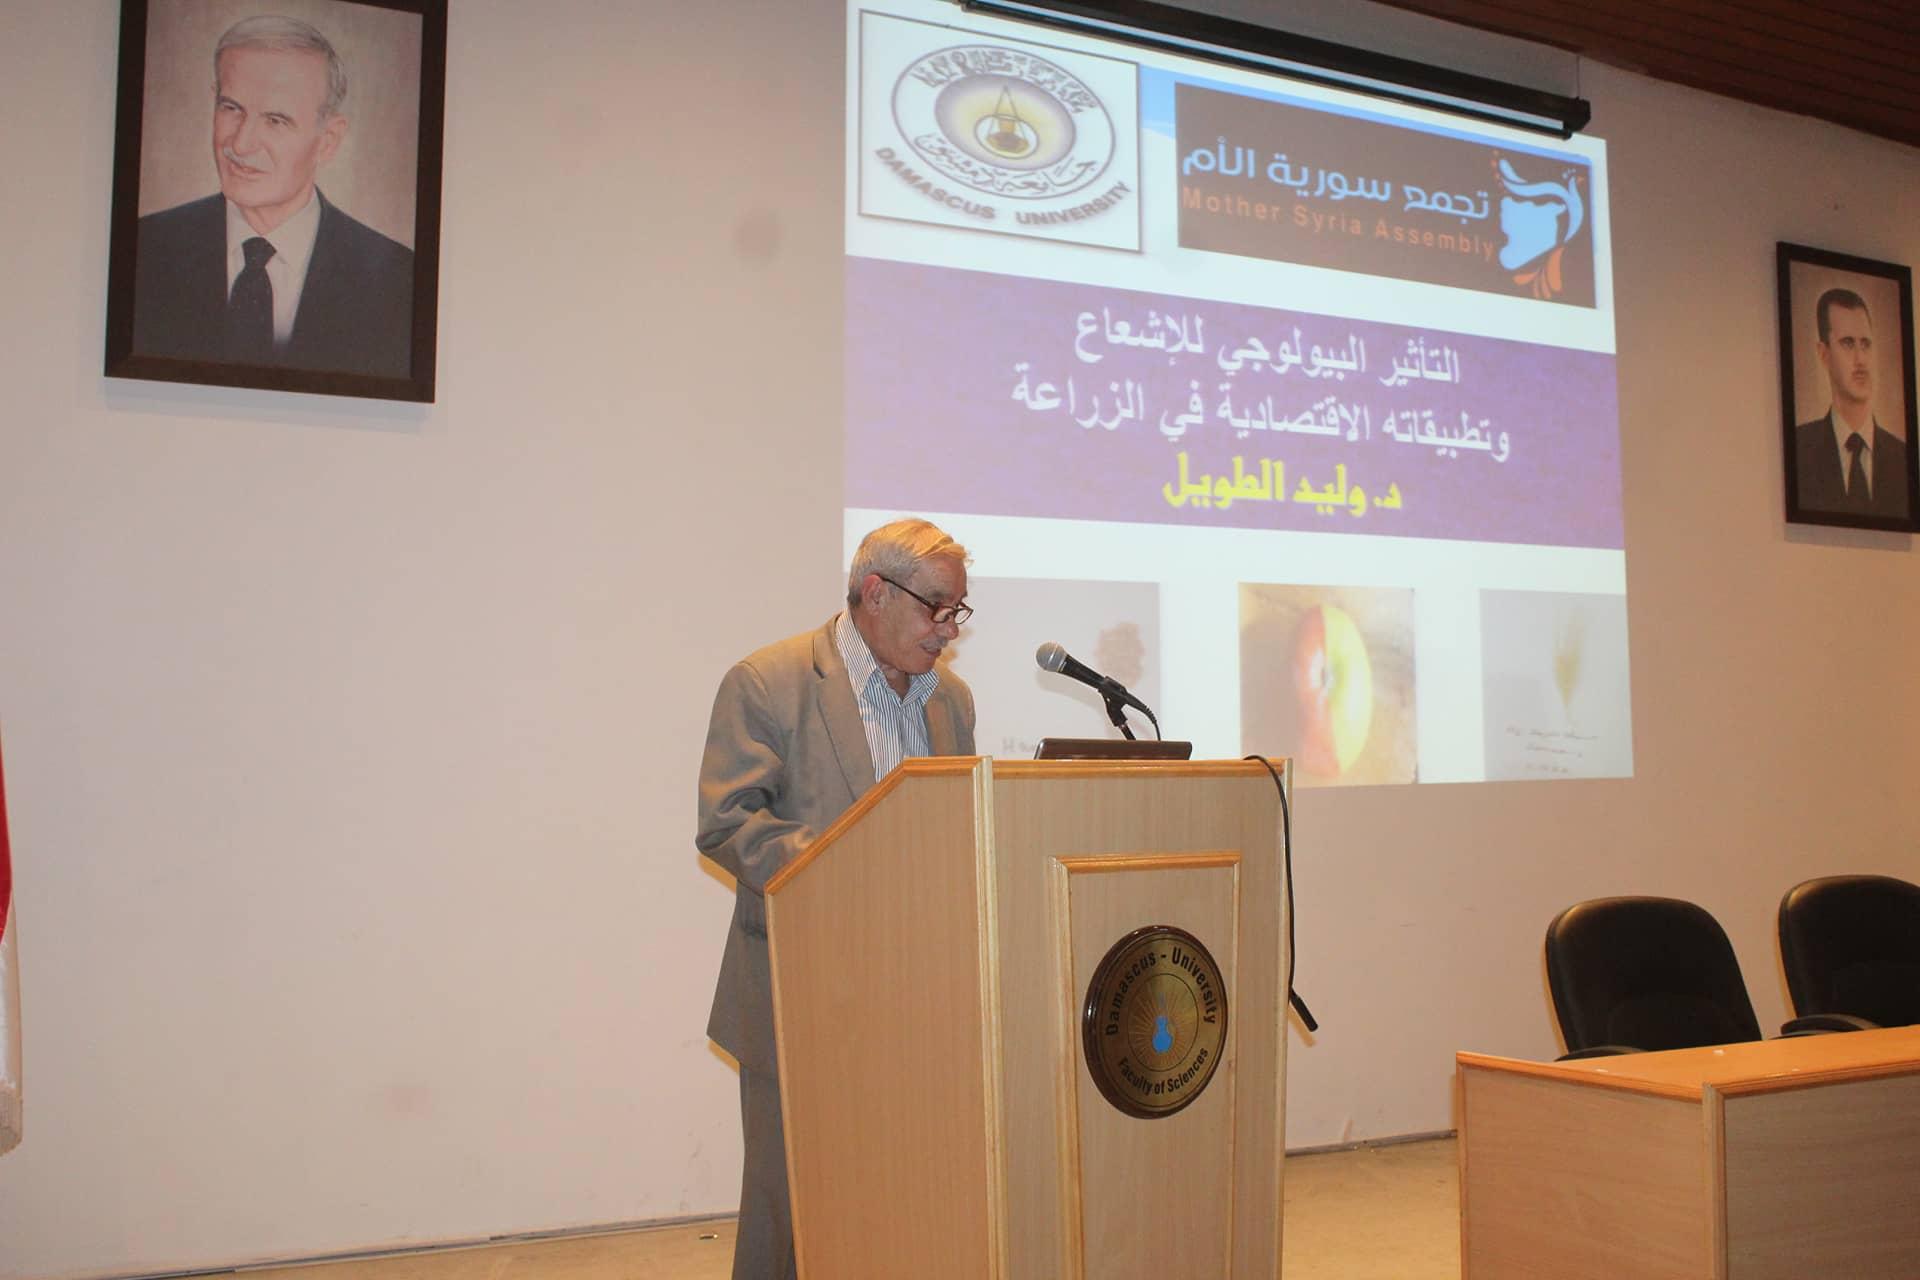 تجمع سورية الام  يقيم المحاضرة الثالثة للمرحلة الثالثة من سلسلة المحاضرات العلمية المتخصصة في مجال التقانات النانوية